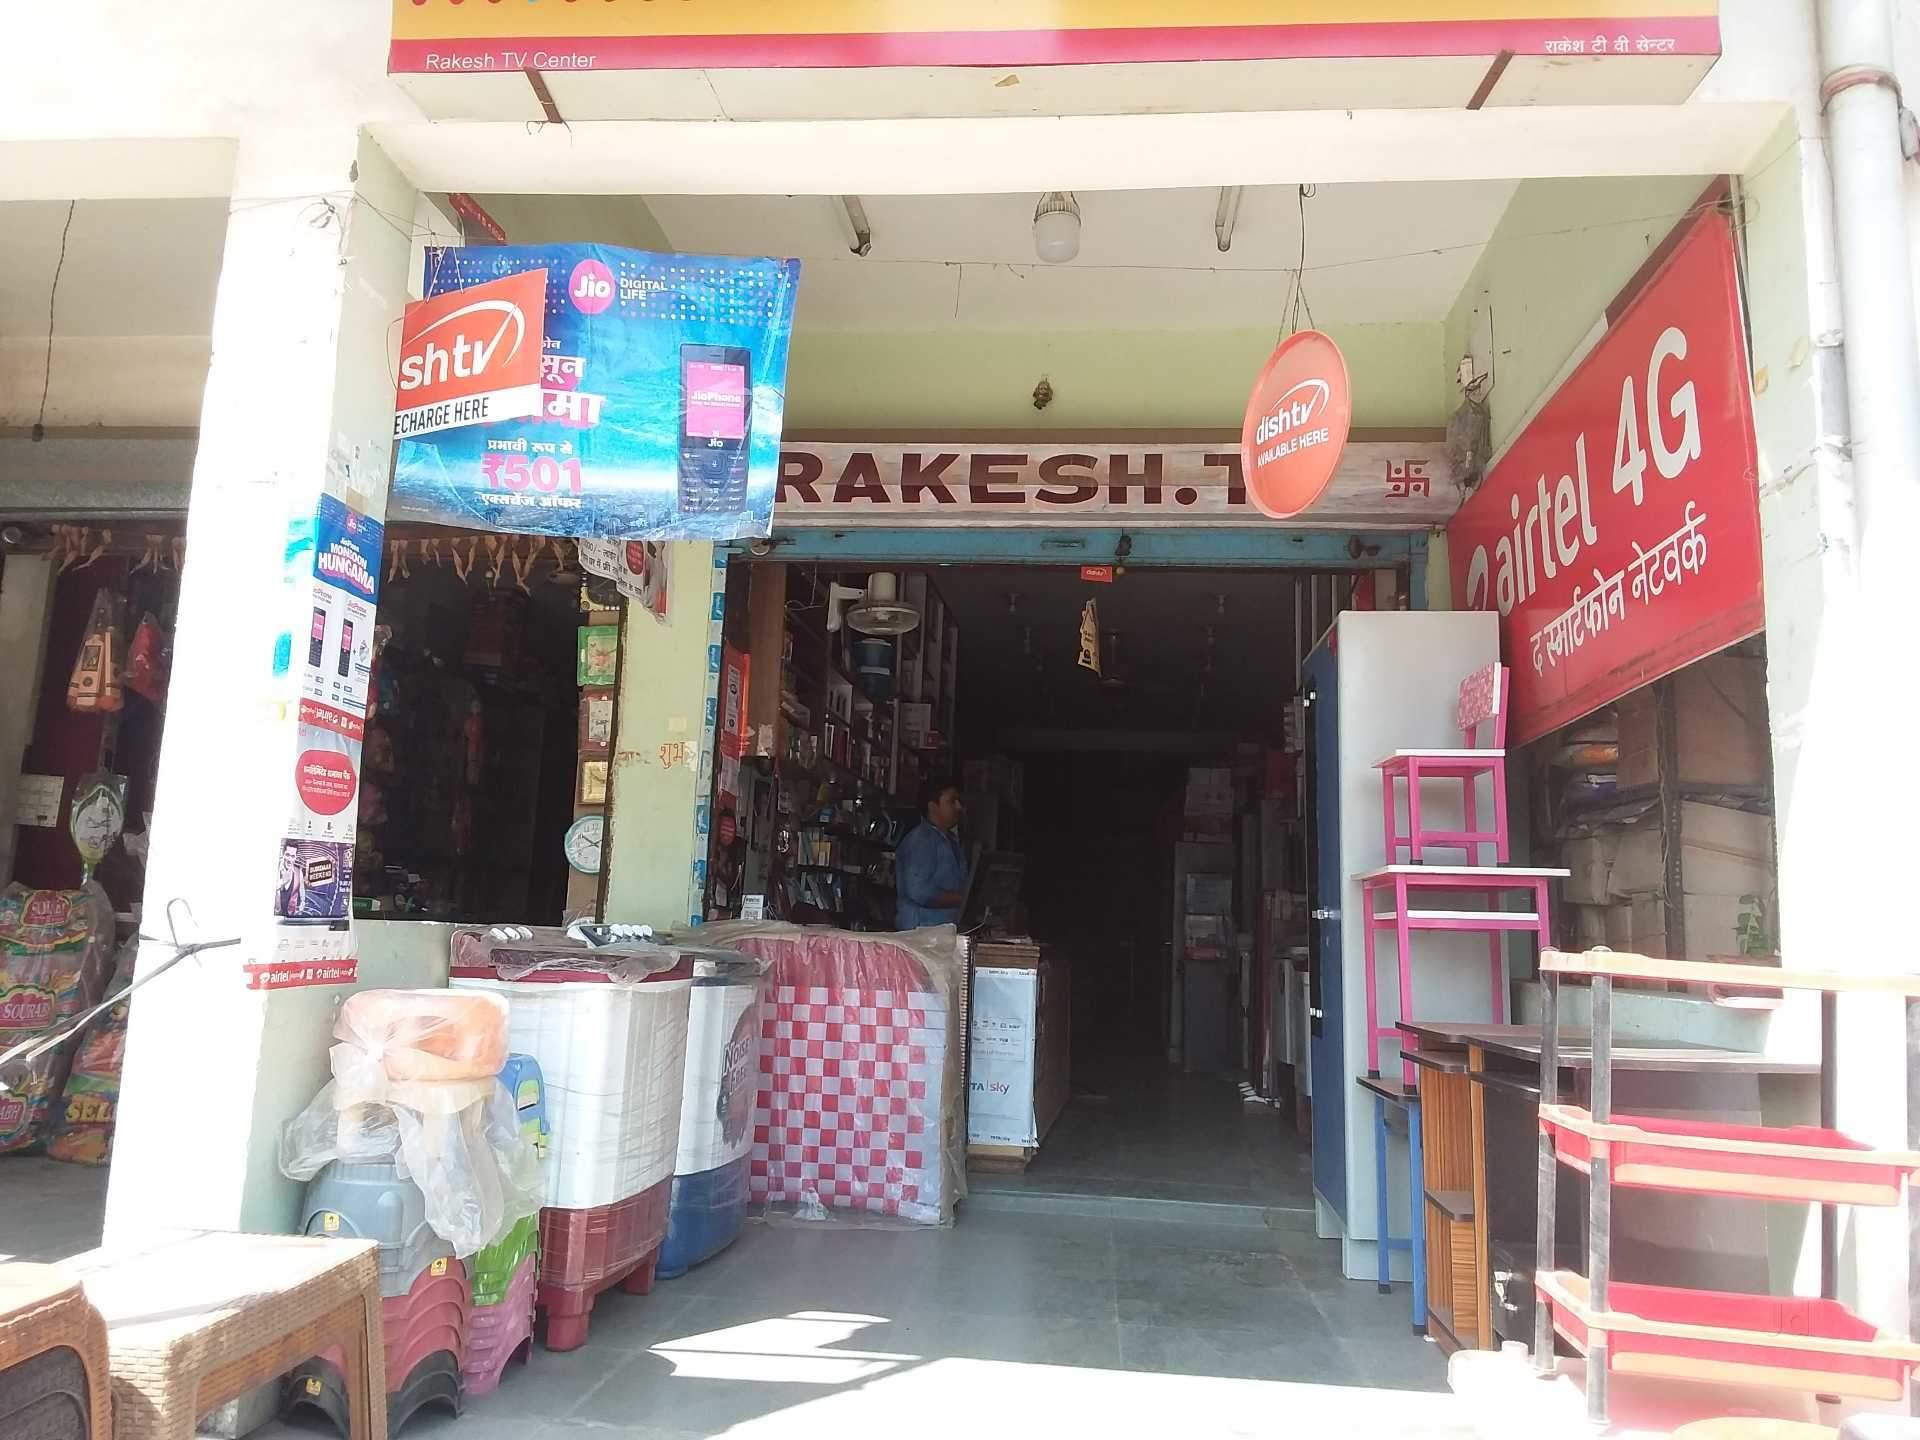 Top Videocon D2h Dth Tv Recharge Coupon Dealers in Katghora